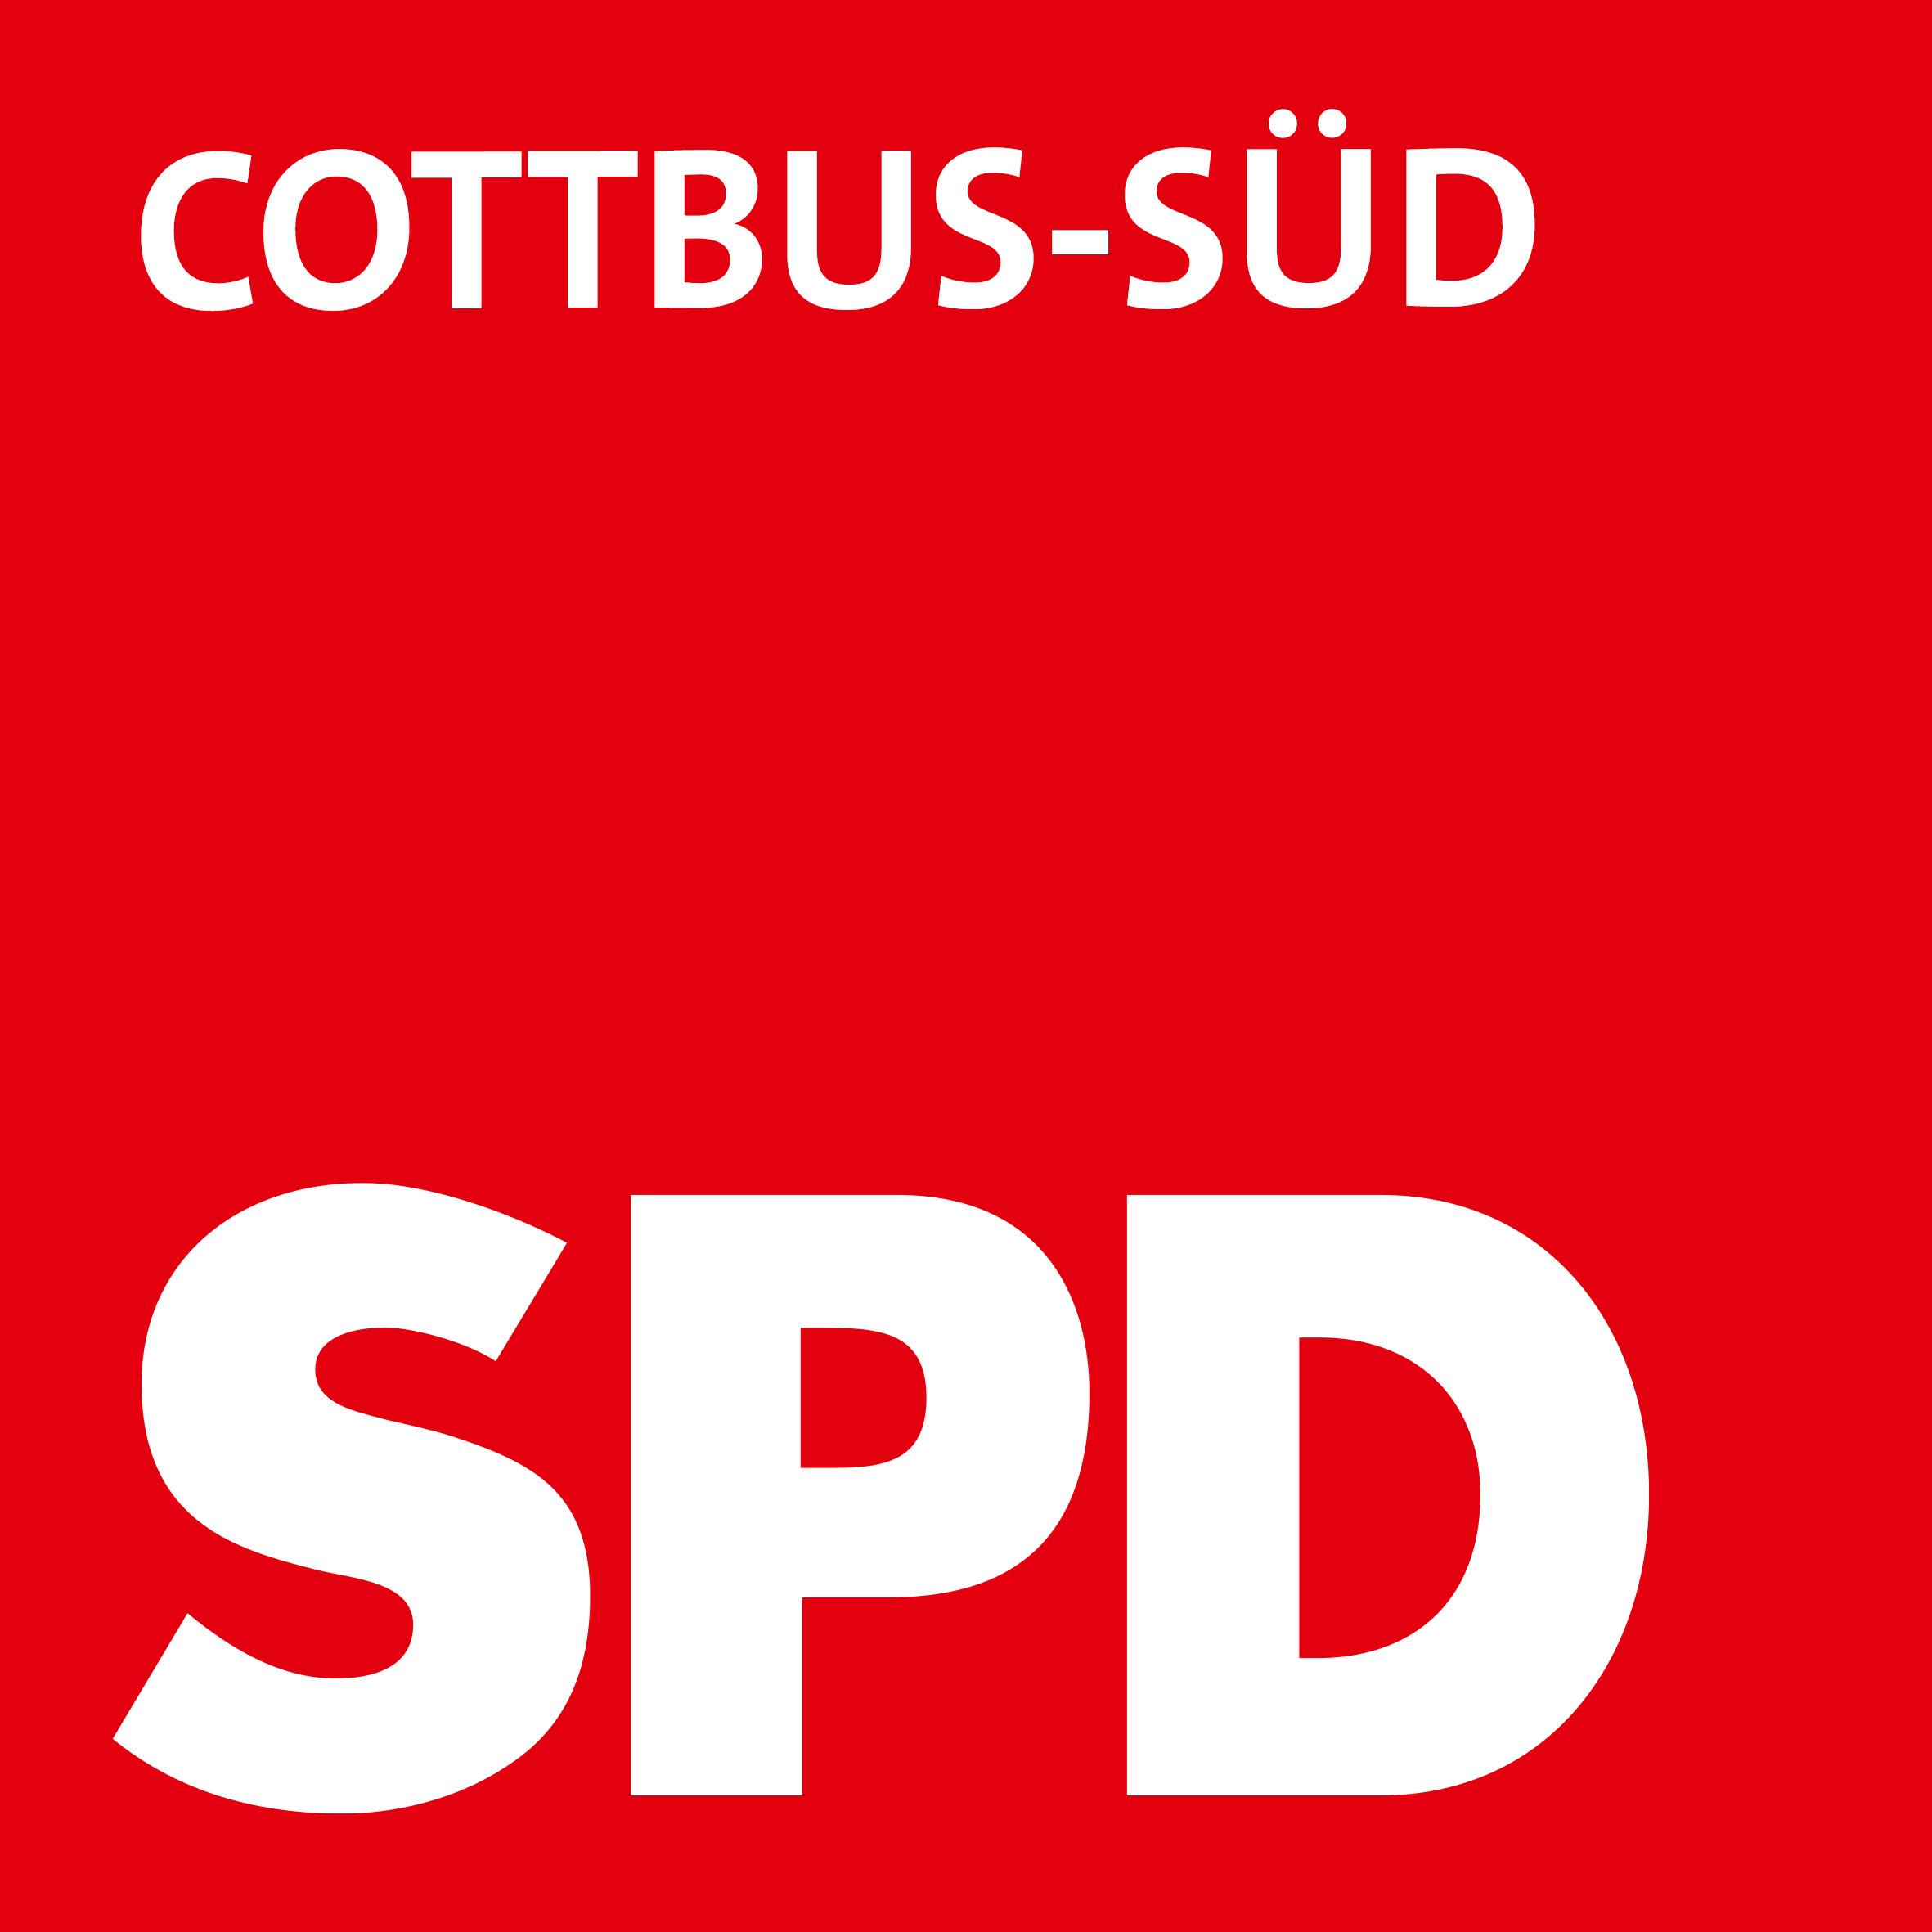 SPD Cottbus-Süd